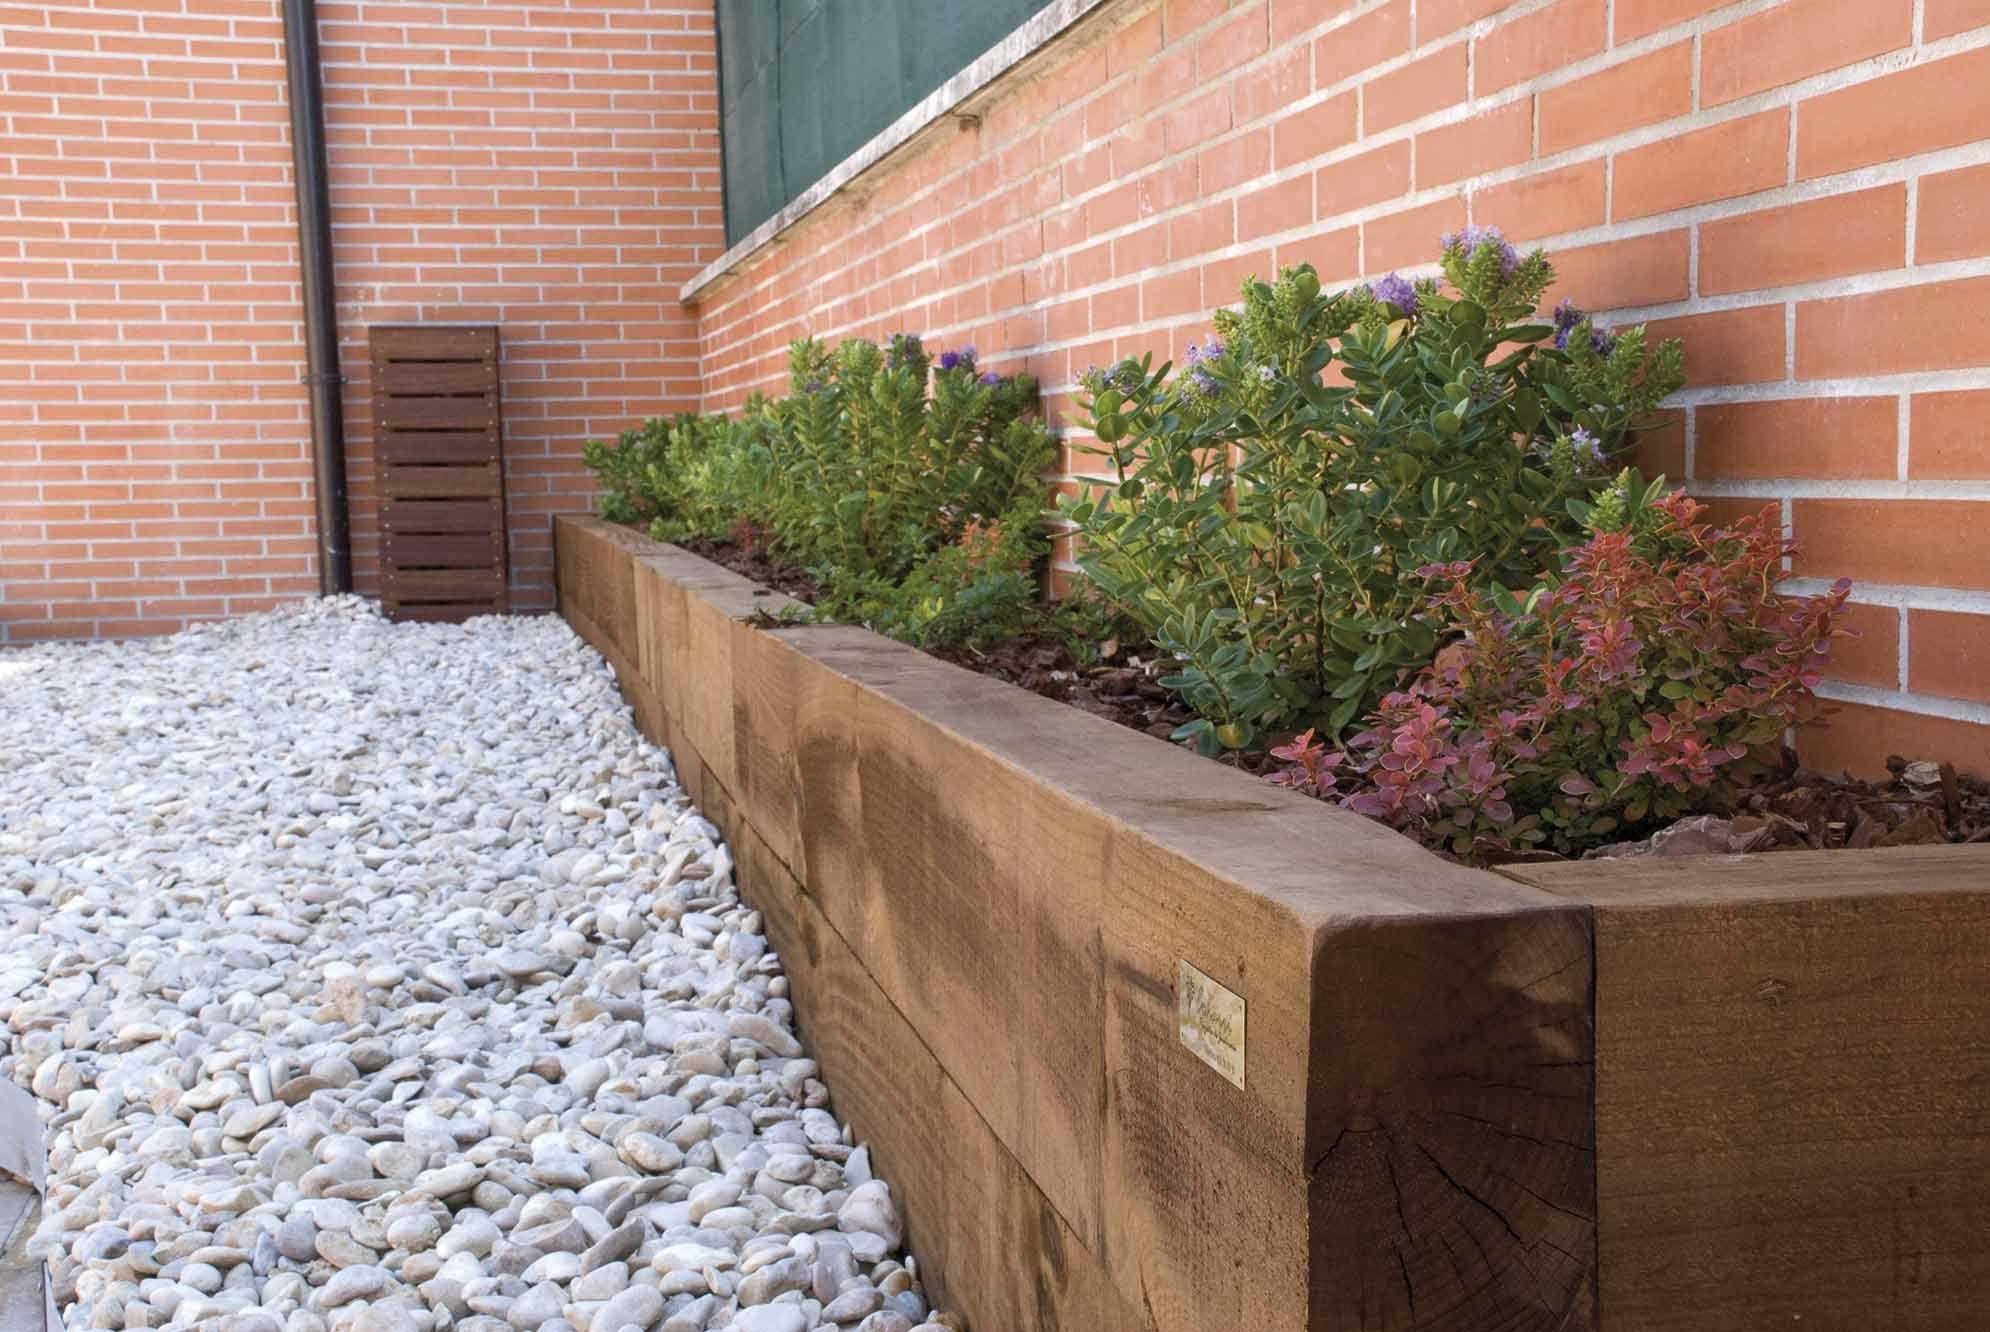 Jardinera de traviesas con corteza de pino jardineras - Jardineras para jardin ...